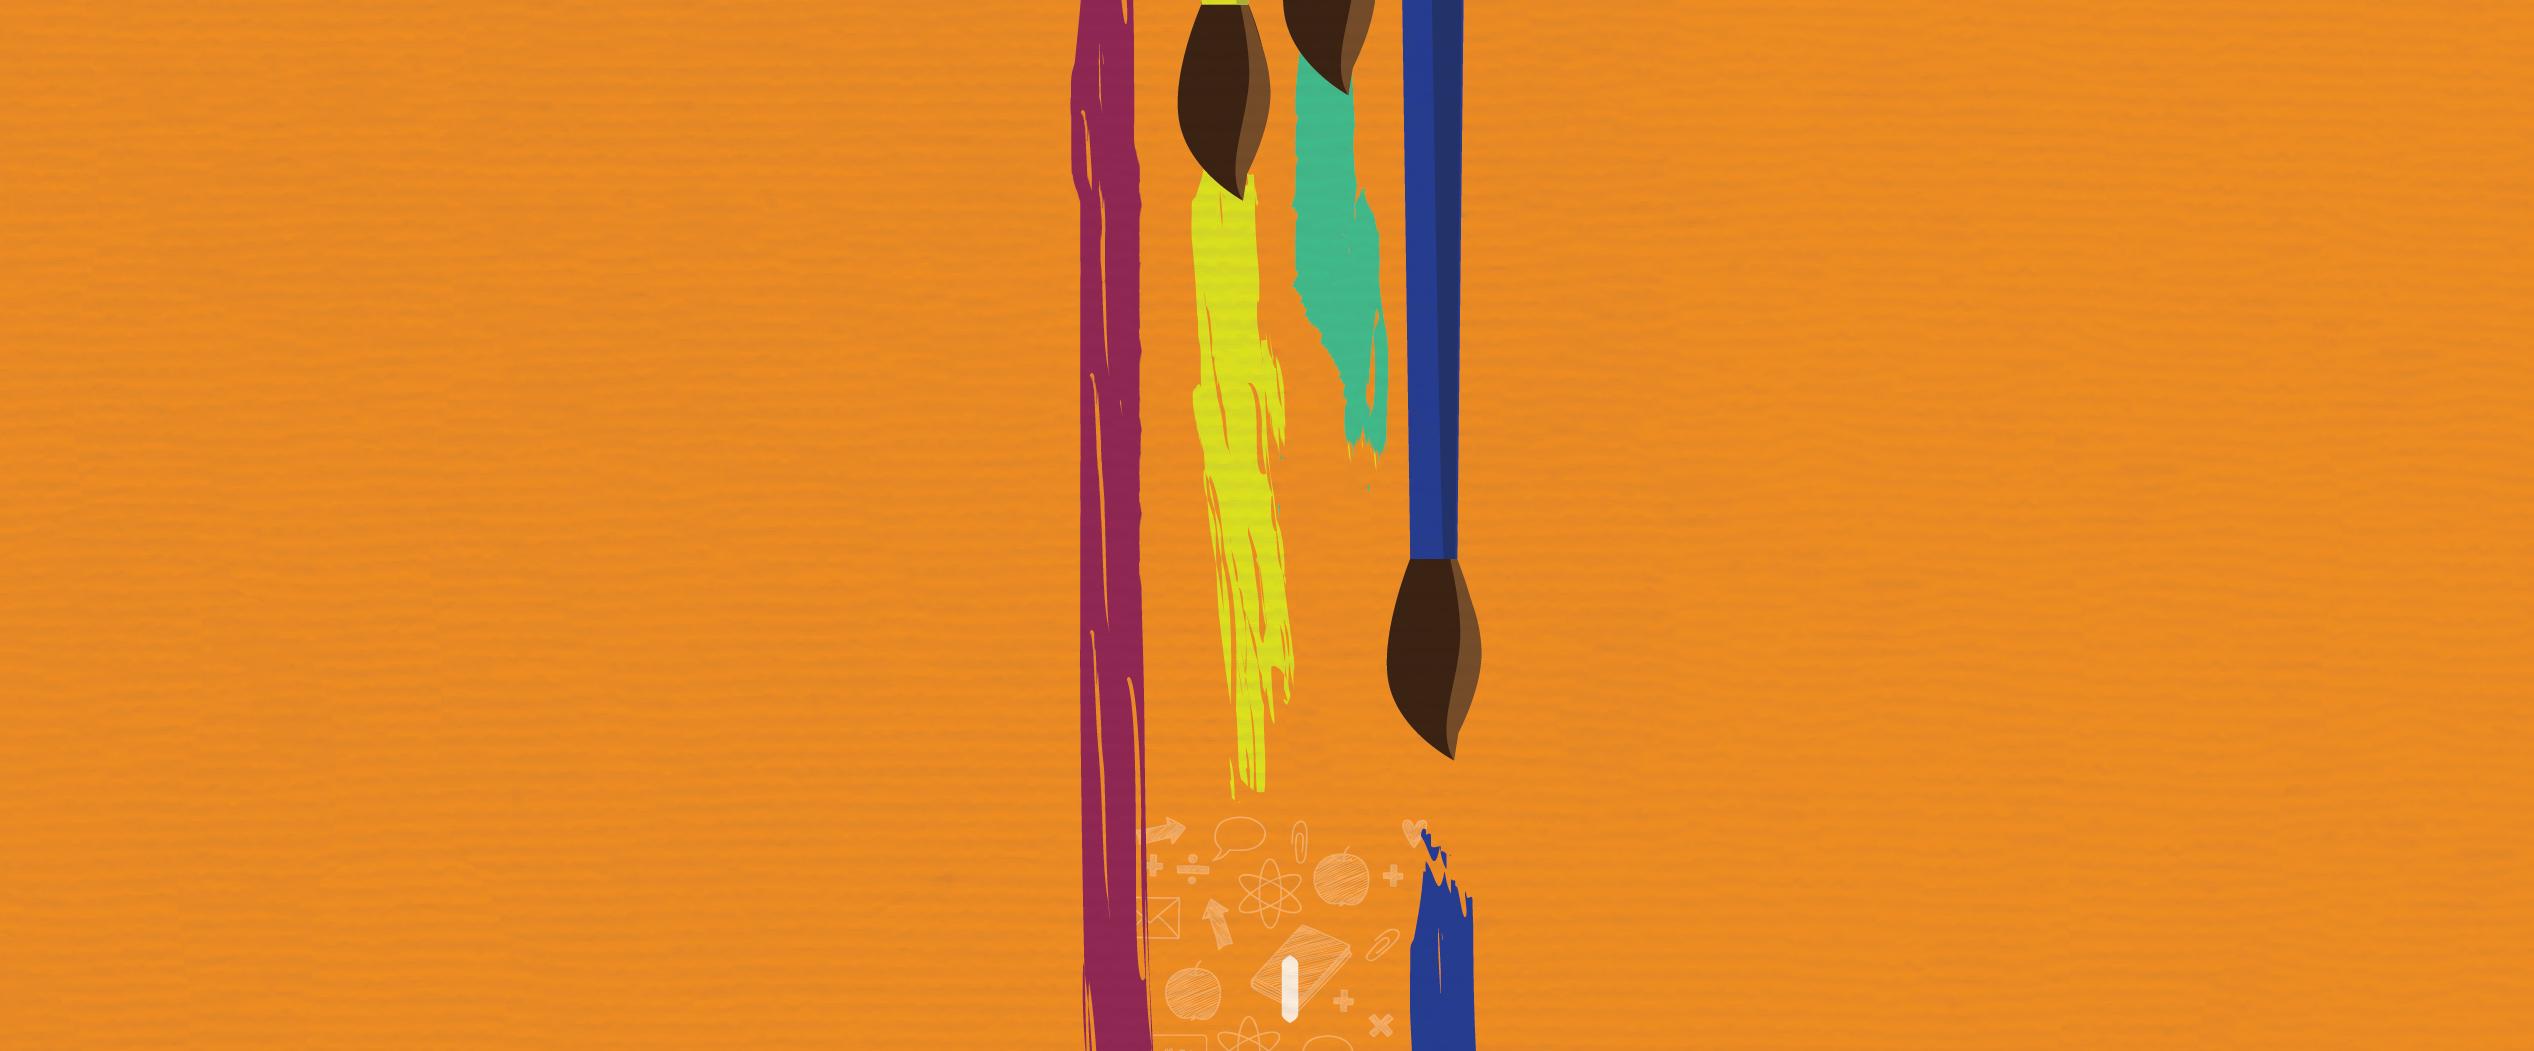 ssib-fons-puigreig